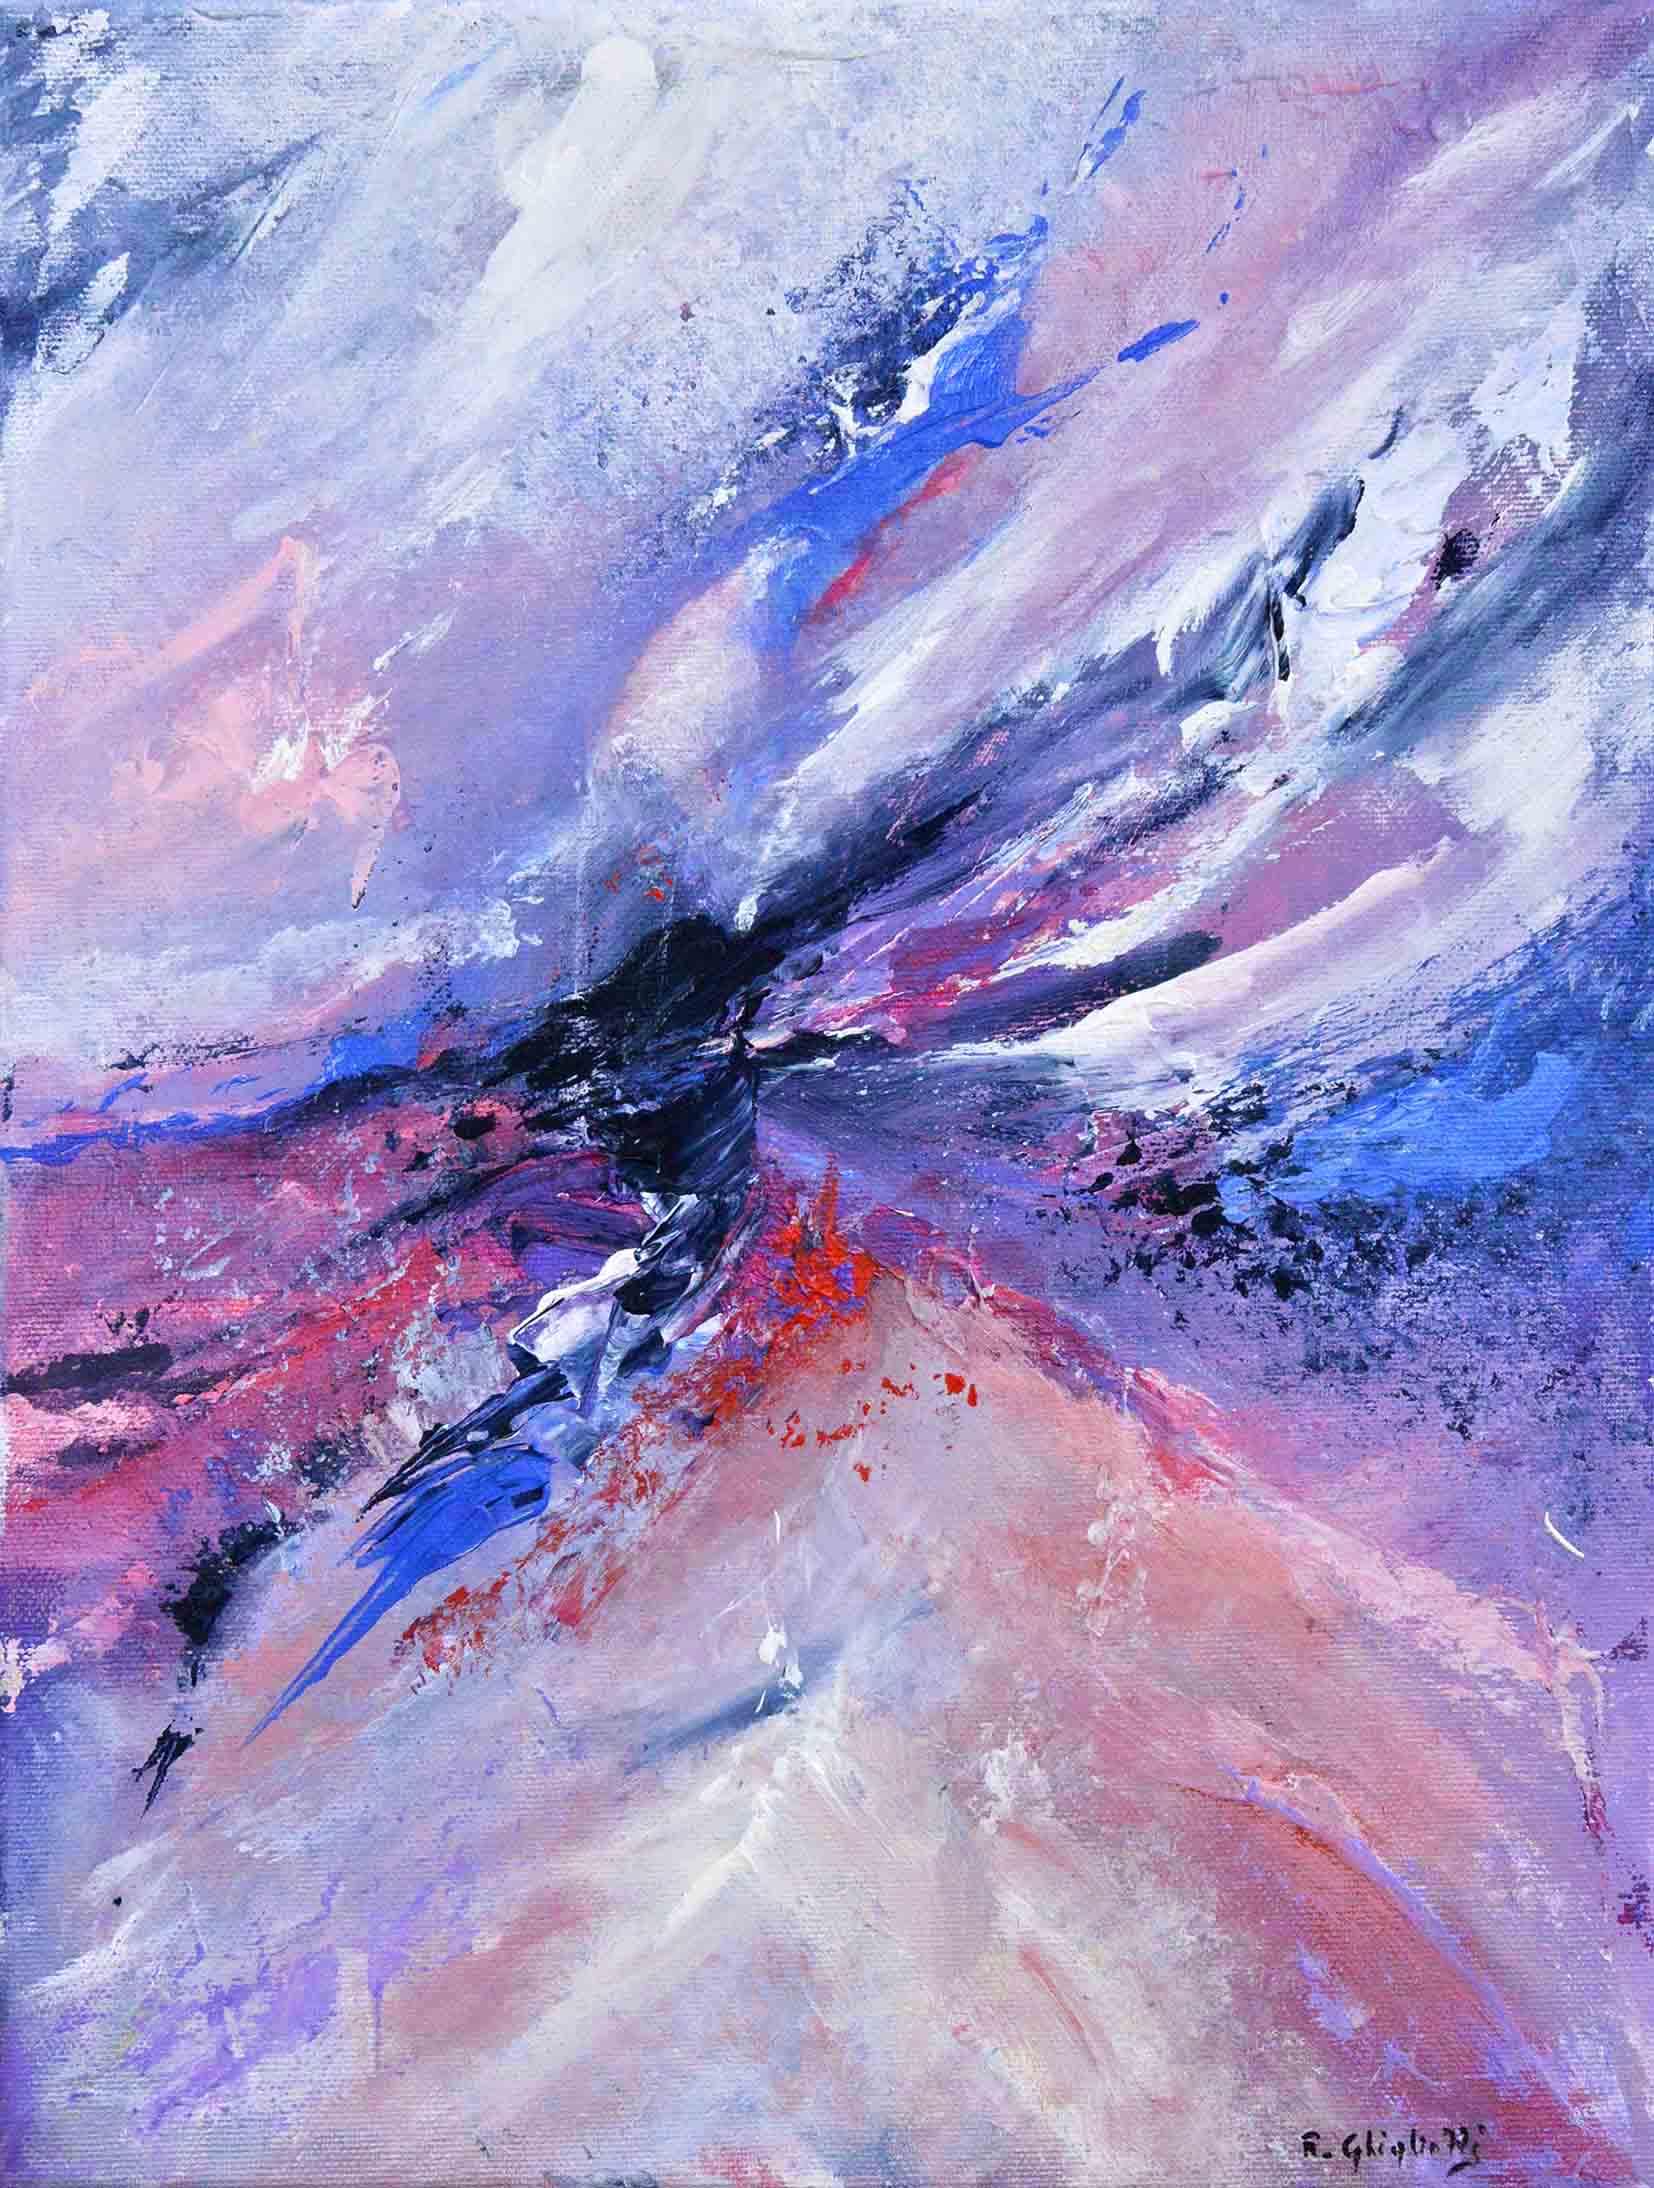 Rapsodia in viola - acrilico su tela, tecnica mista - 40x30